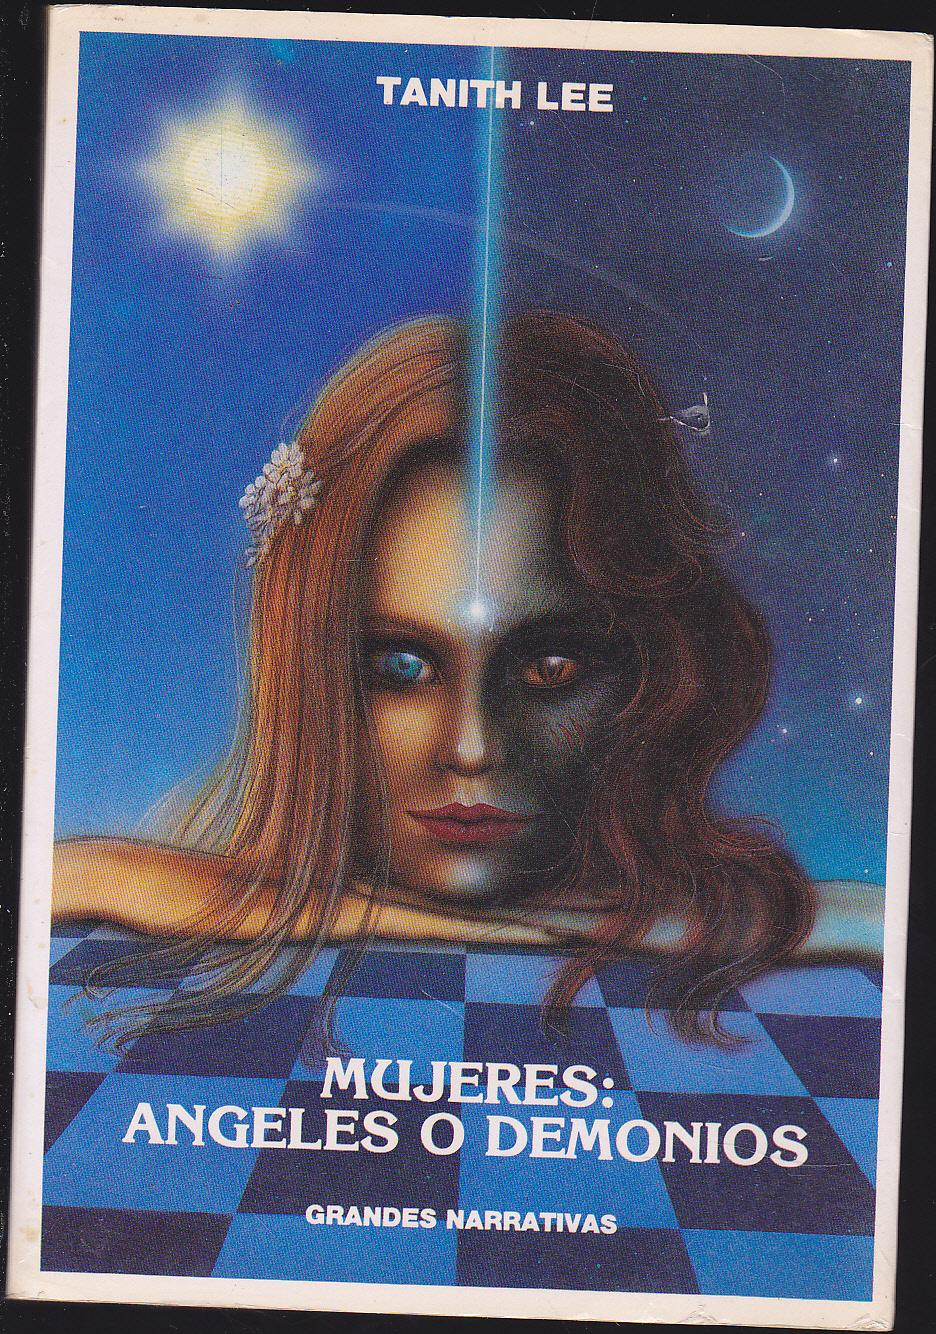 Mujeres Angeles O Demonios 16 Relatos Colecc Grandes Narrativas